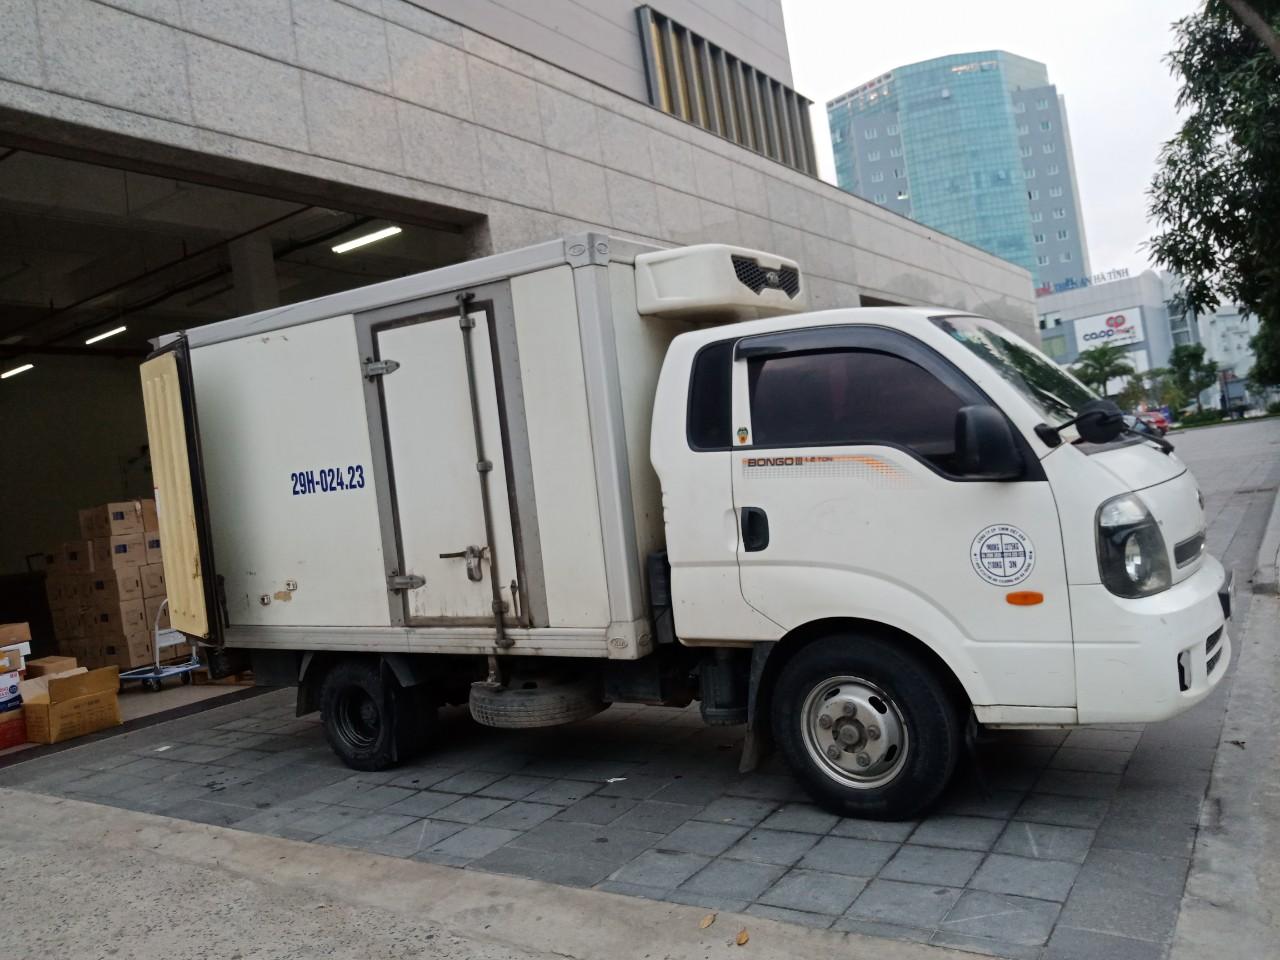 Cho thuê xe đông lạnh tại Hà Nội giảm giá 35% với các hợp đồng dài hạn